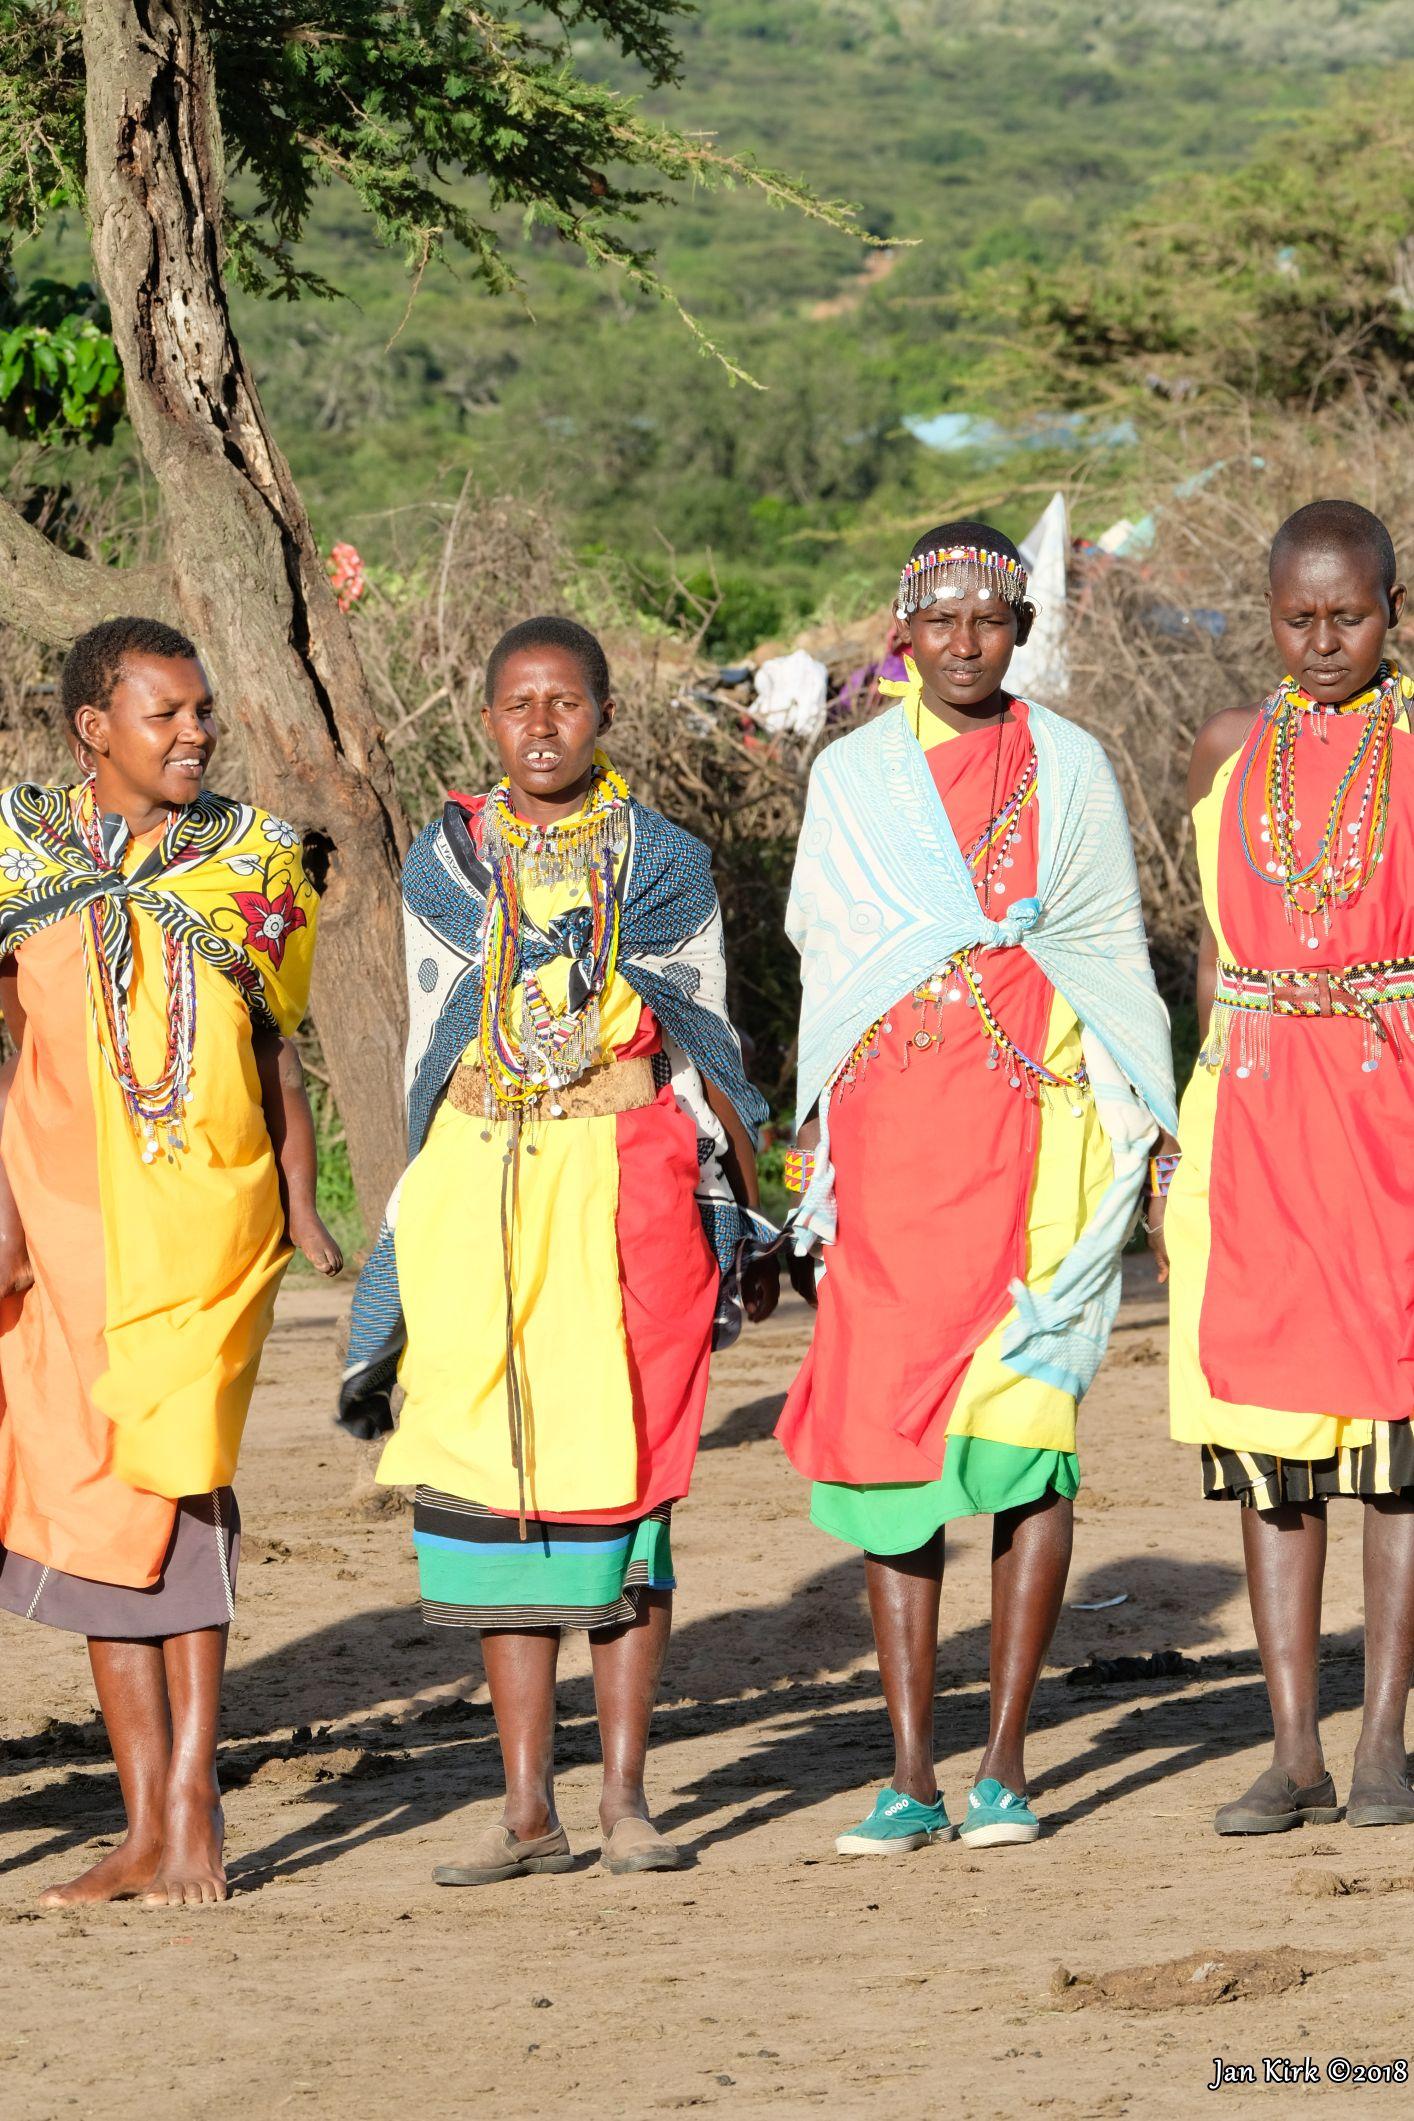 Masai Mara - Others